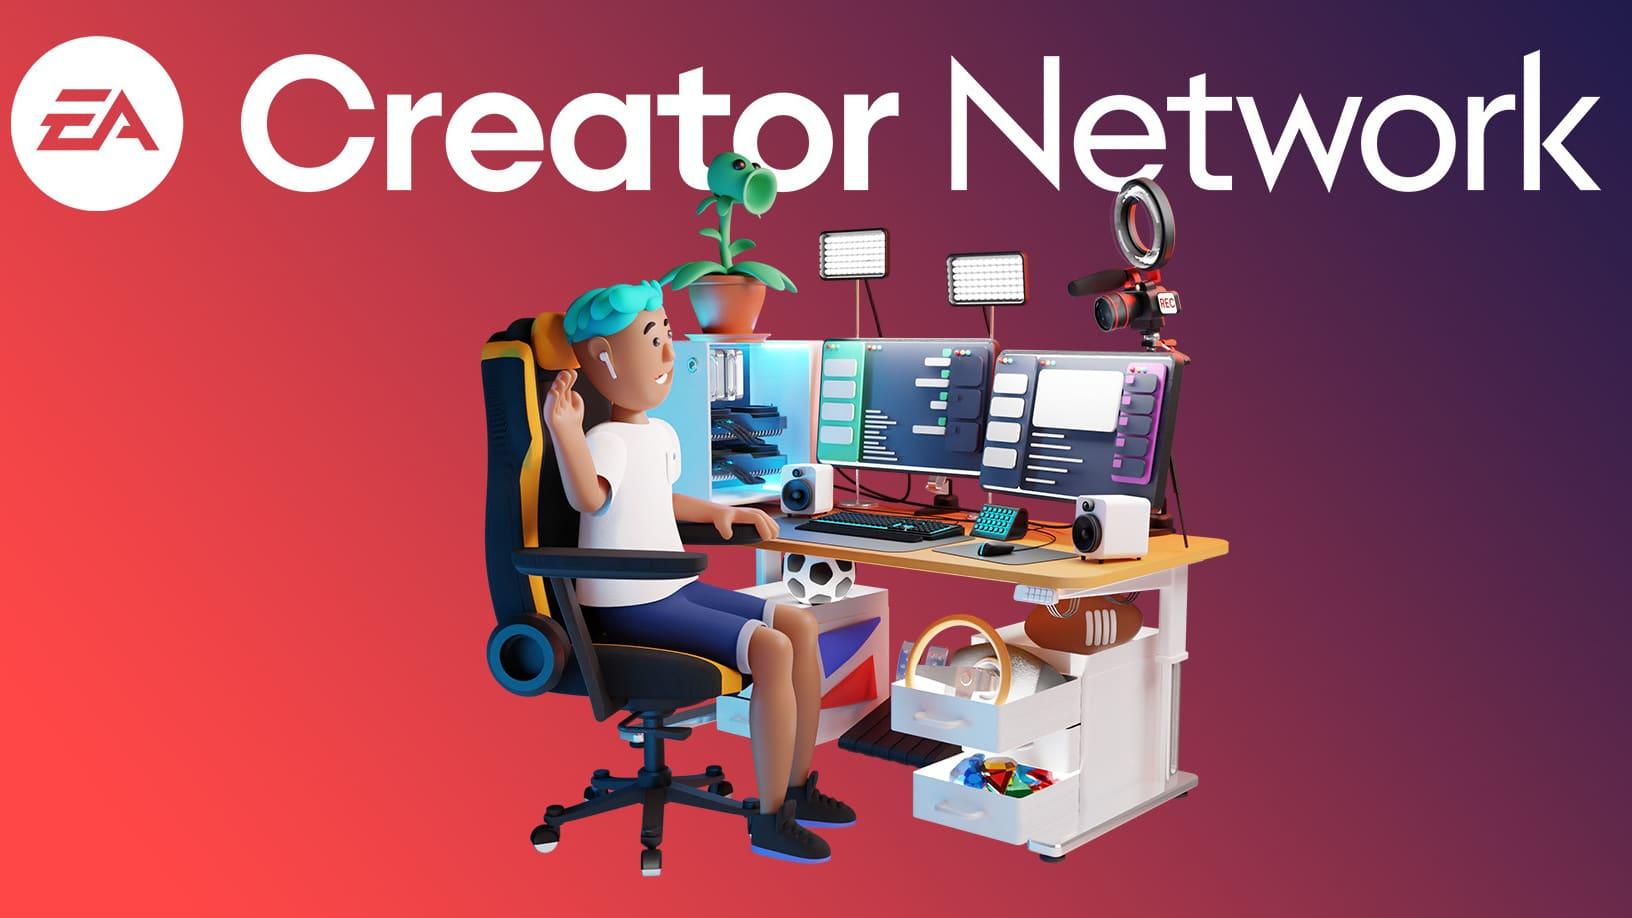 EA Creator Network